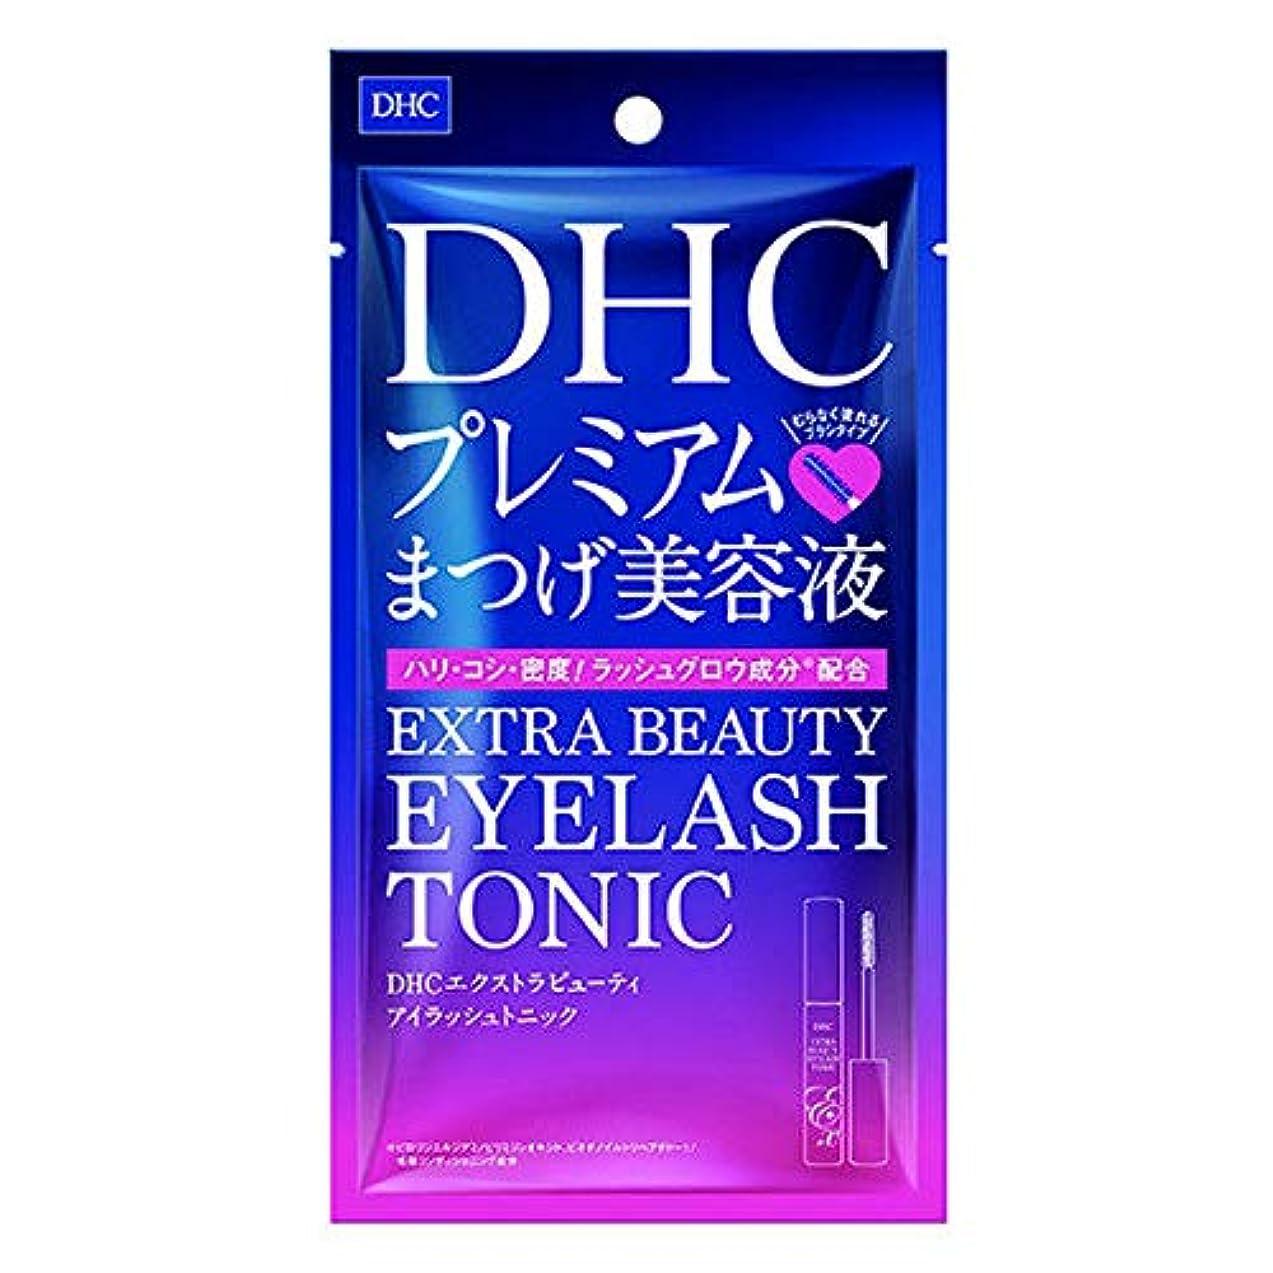 連結するパシフィックリラックスしたDHC エクストラビューティアイラッシュトニック 6.5ml プレミアムまつげ美容液